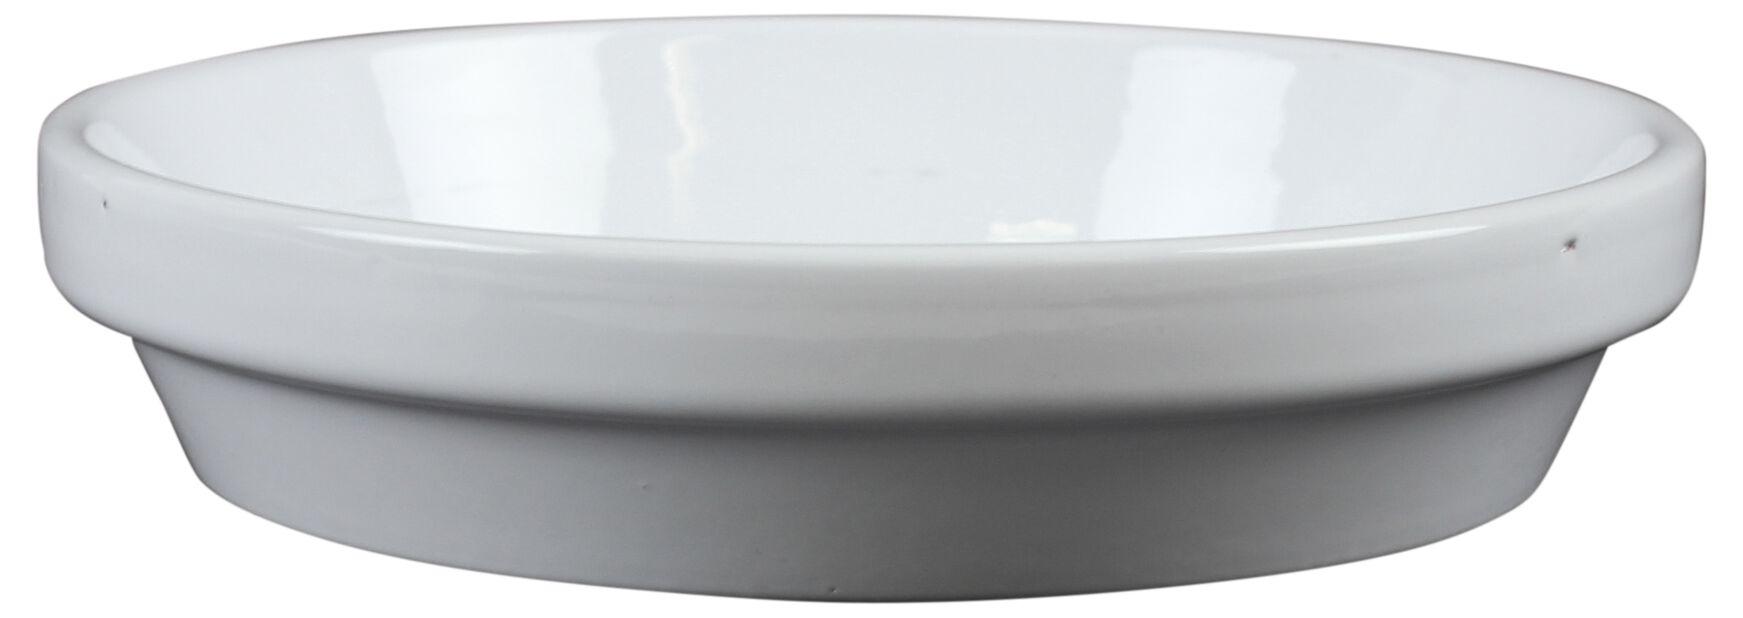 Keraaminen aluslautanen, Ø15 cm, Valkoinen